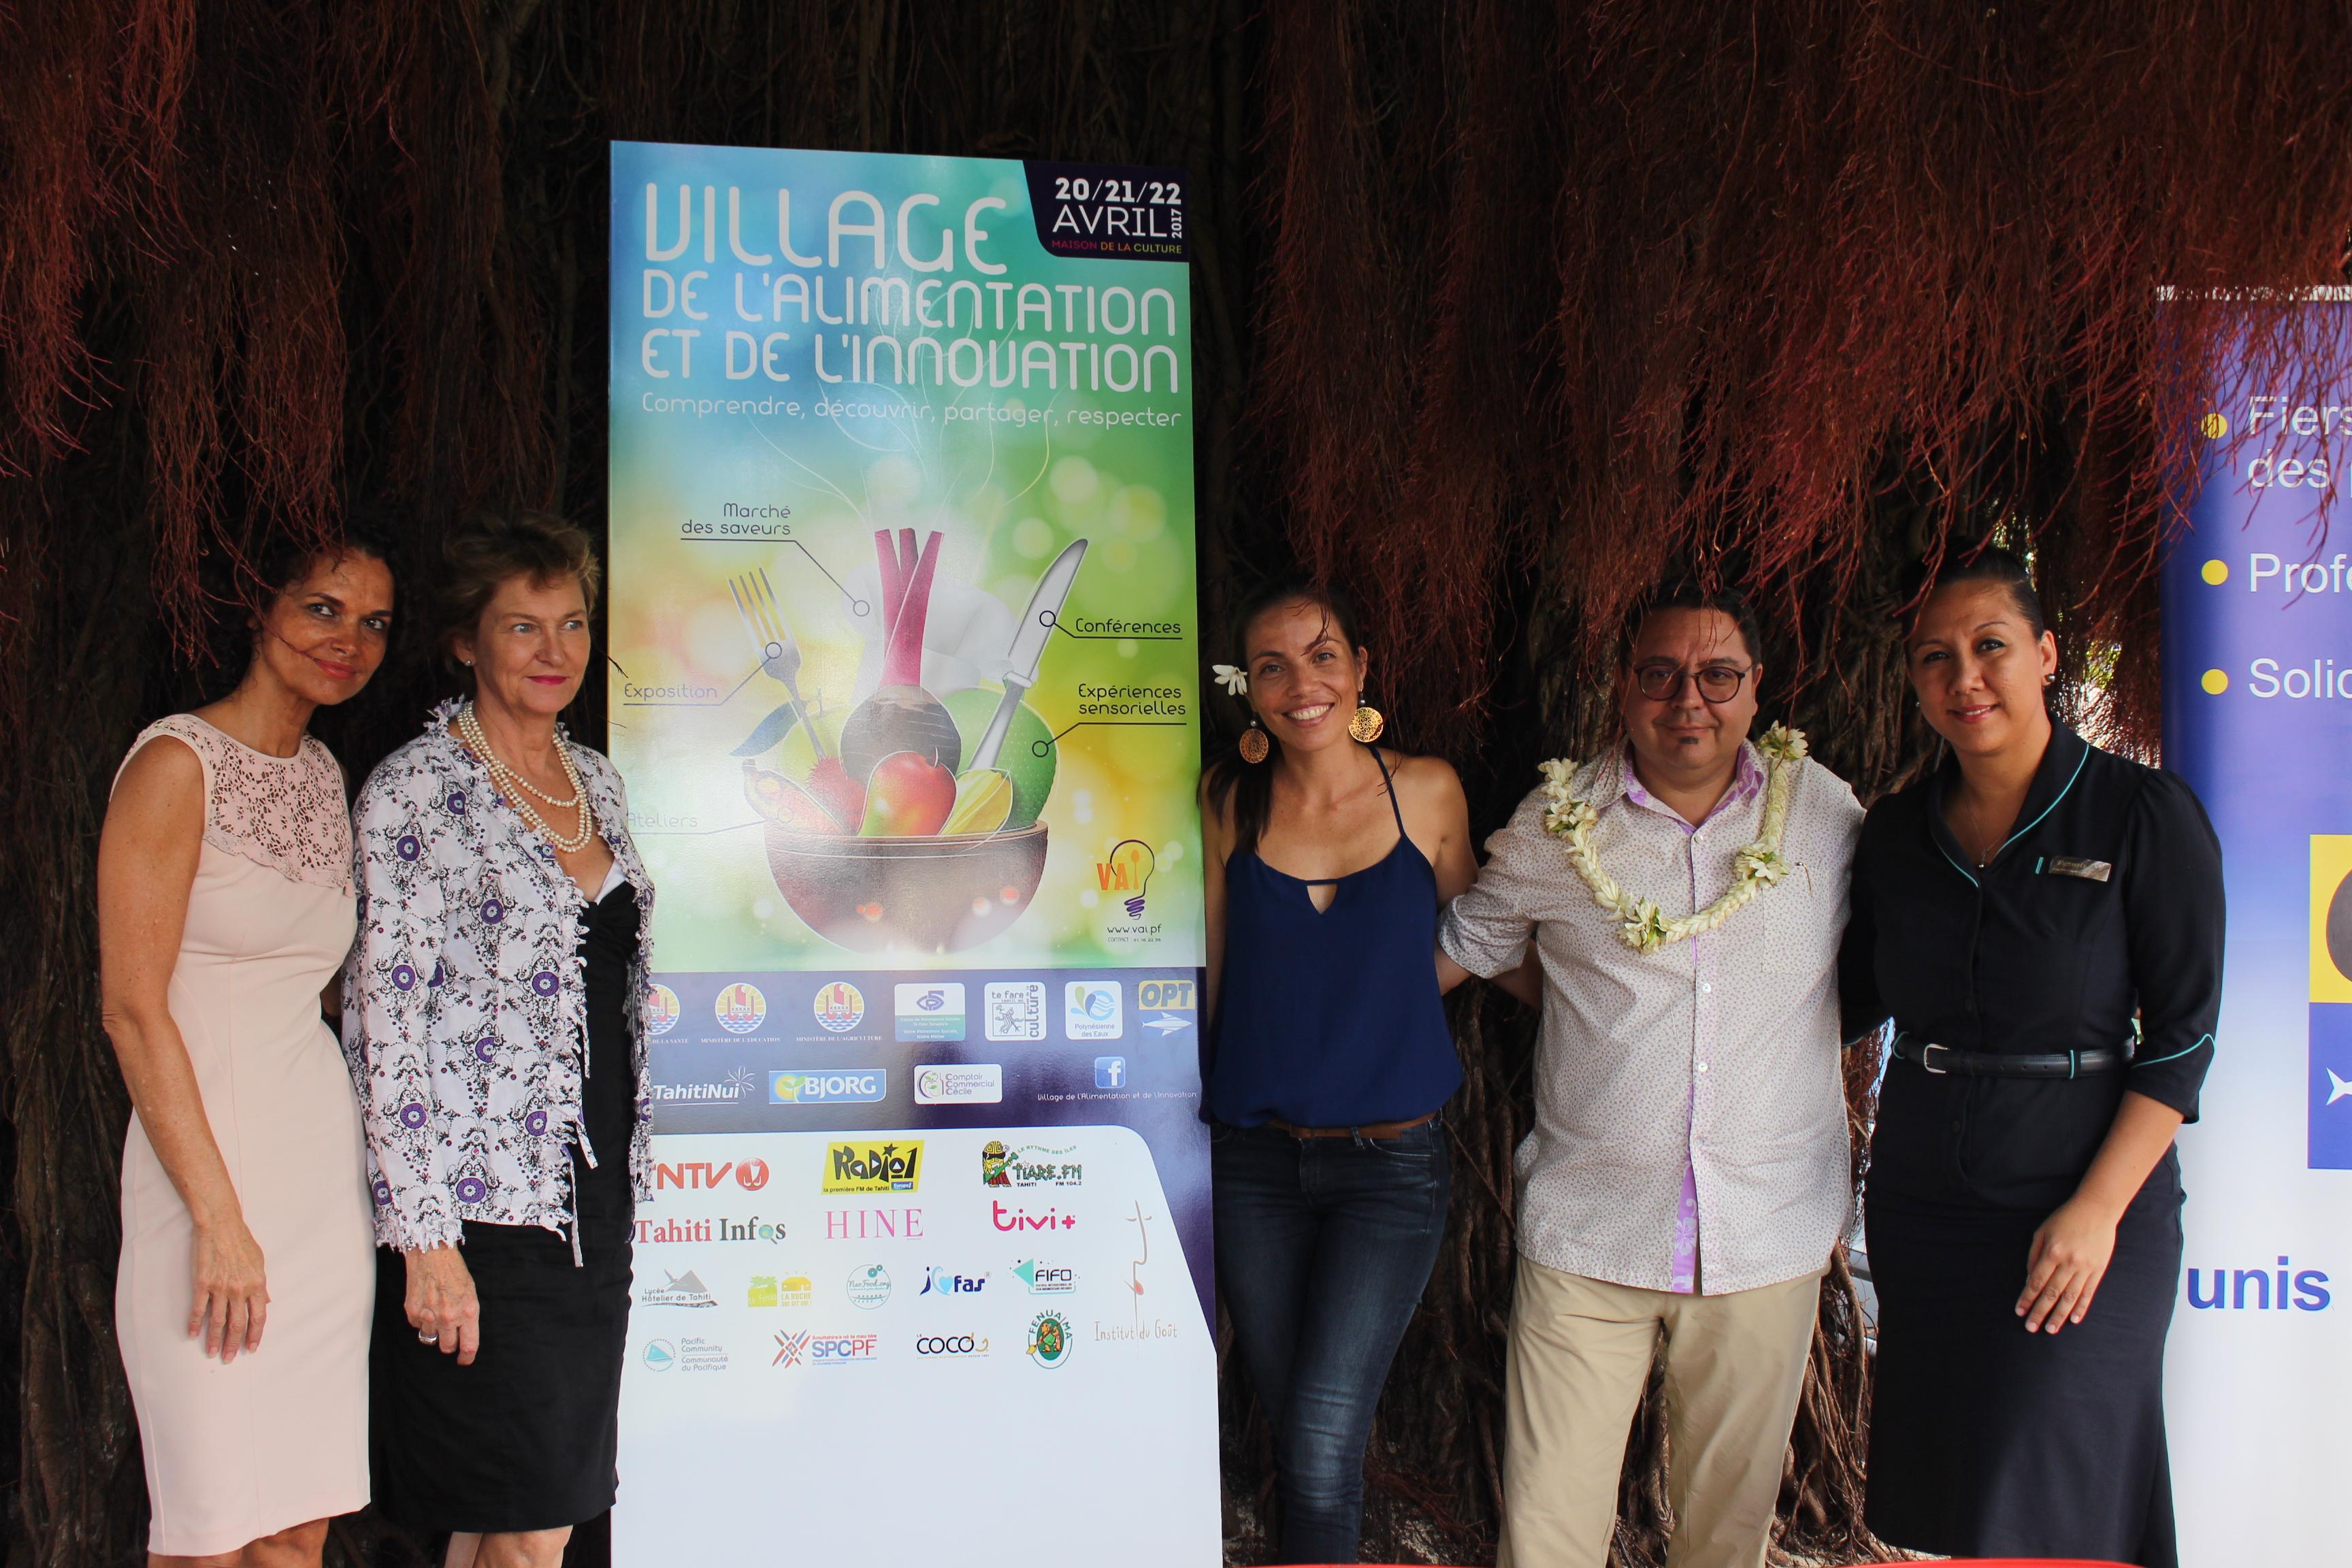 Organisé par Manihi Lefoc d'ASAE Conseil, de nombreux partenaires se joint au projet de village de l'alimentation et de l'innovation. Ce village a une marraine : Bénédicte Sauvage chez pâtissière au Coco's et un parrain : Heiarii Hoiore, 1er chef gastronomique polynésien.